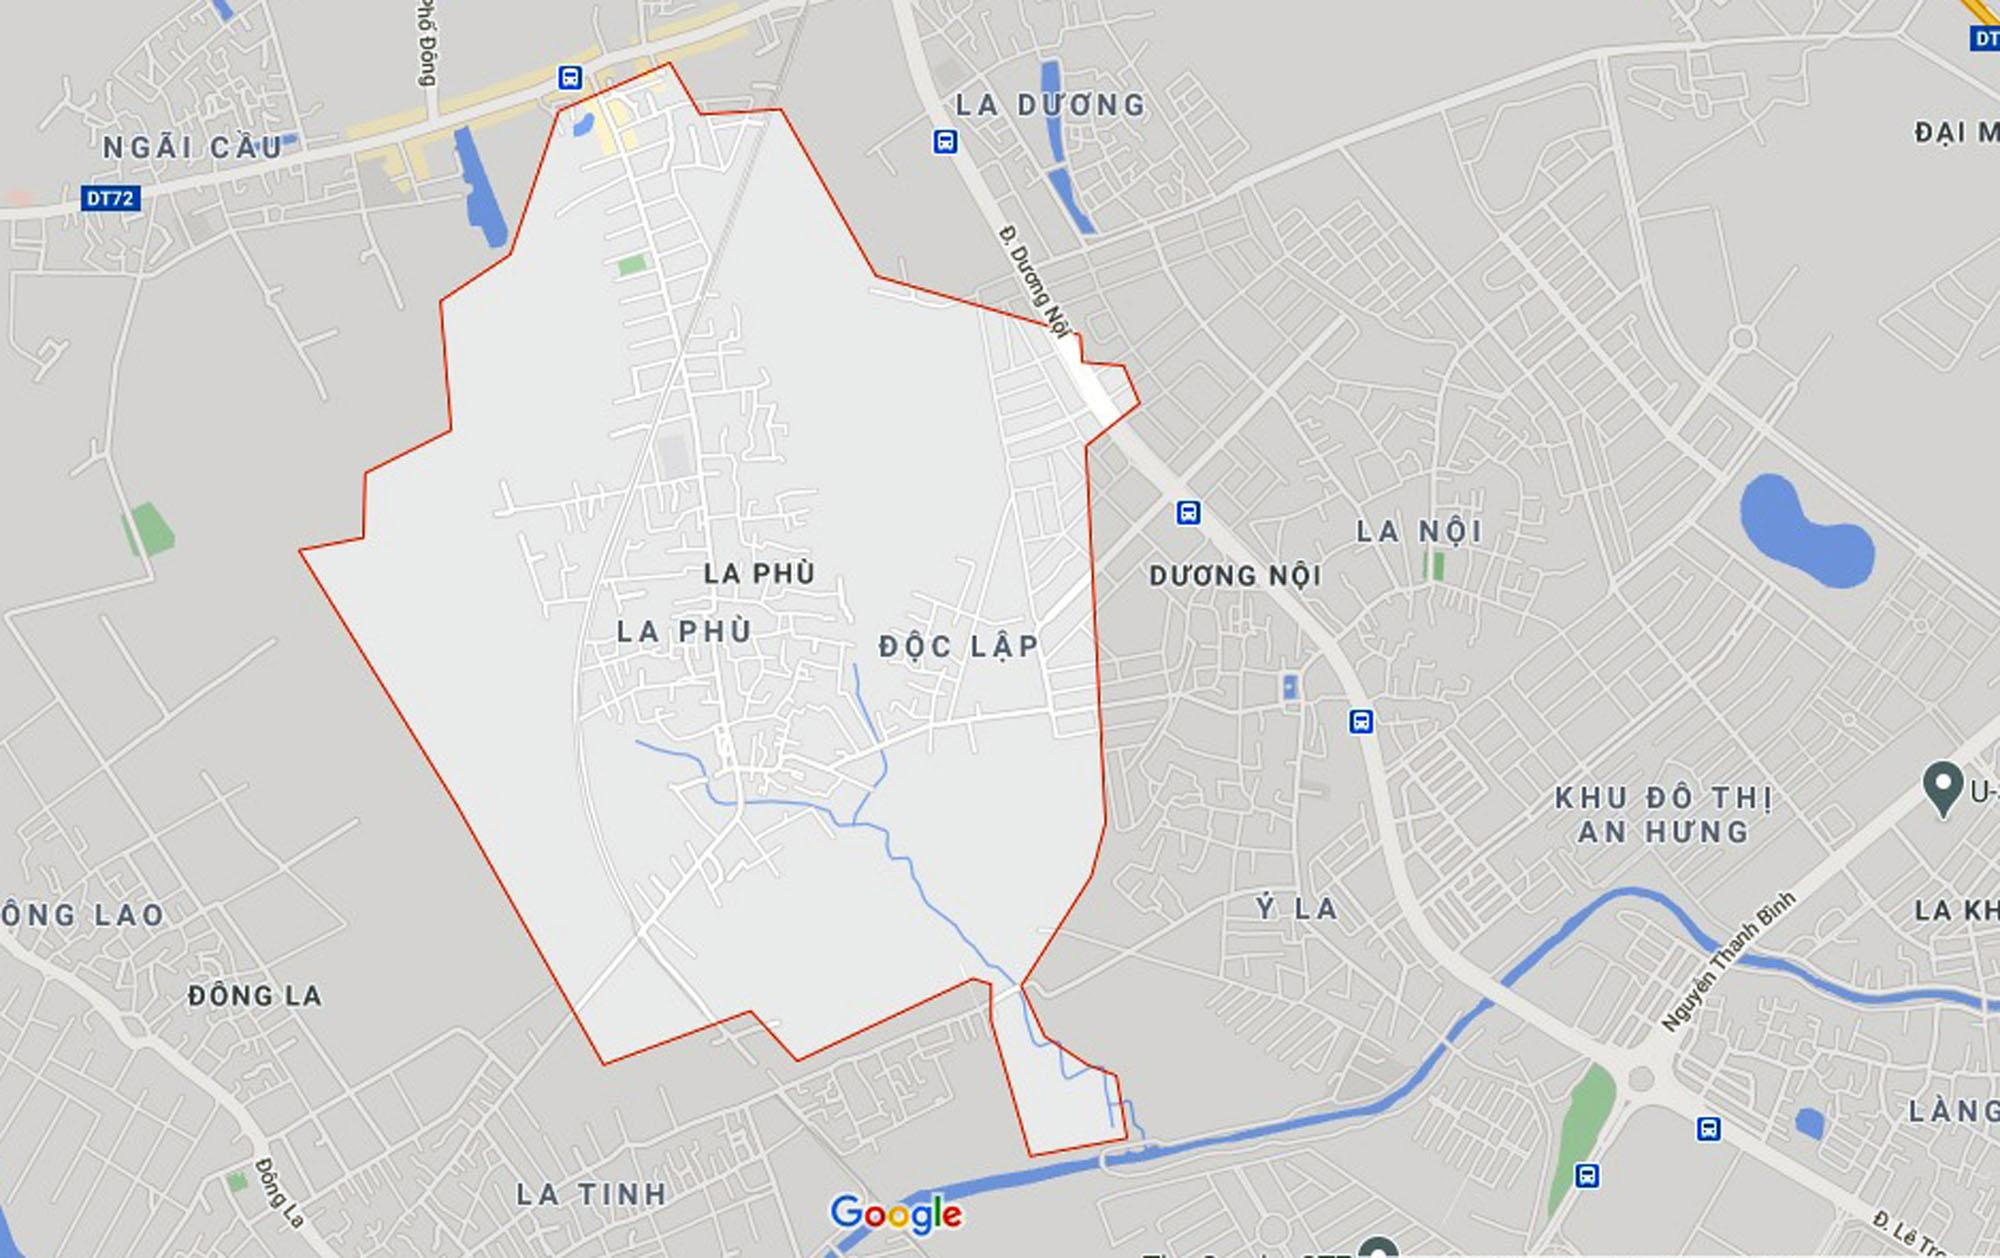 Ba đường sẽ mở theo qui hoạch ở xã La Phù, Hoài Đức, Hà Nội - Ảnh 1.